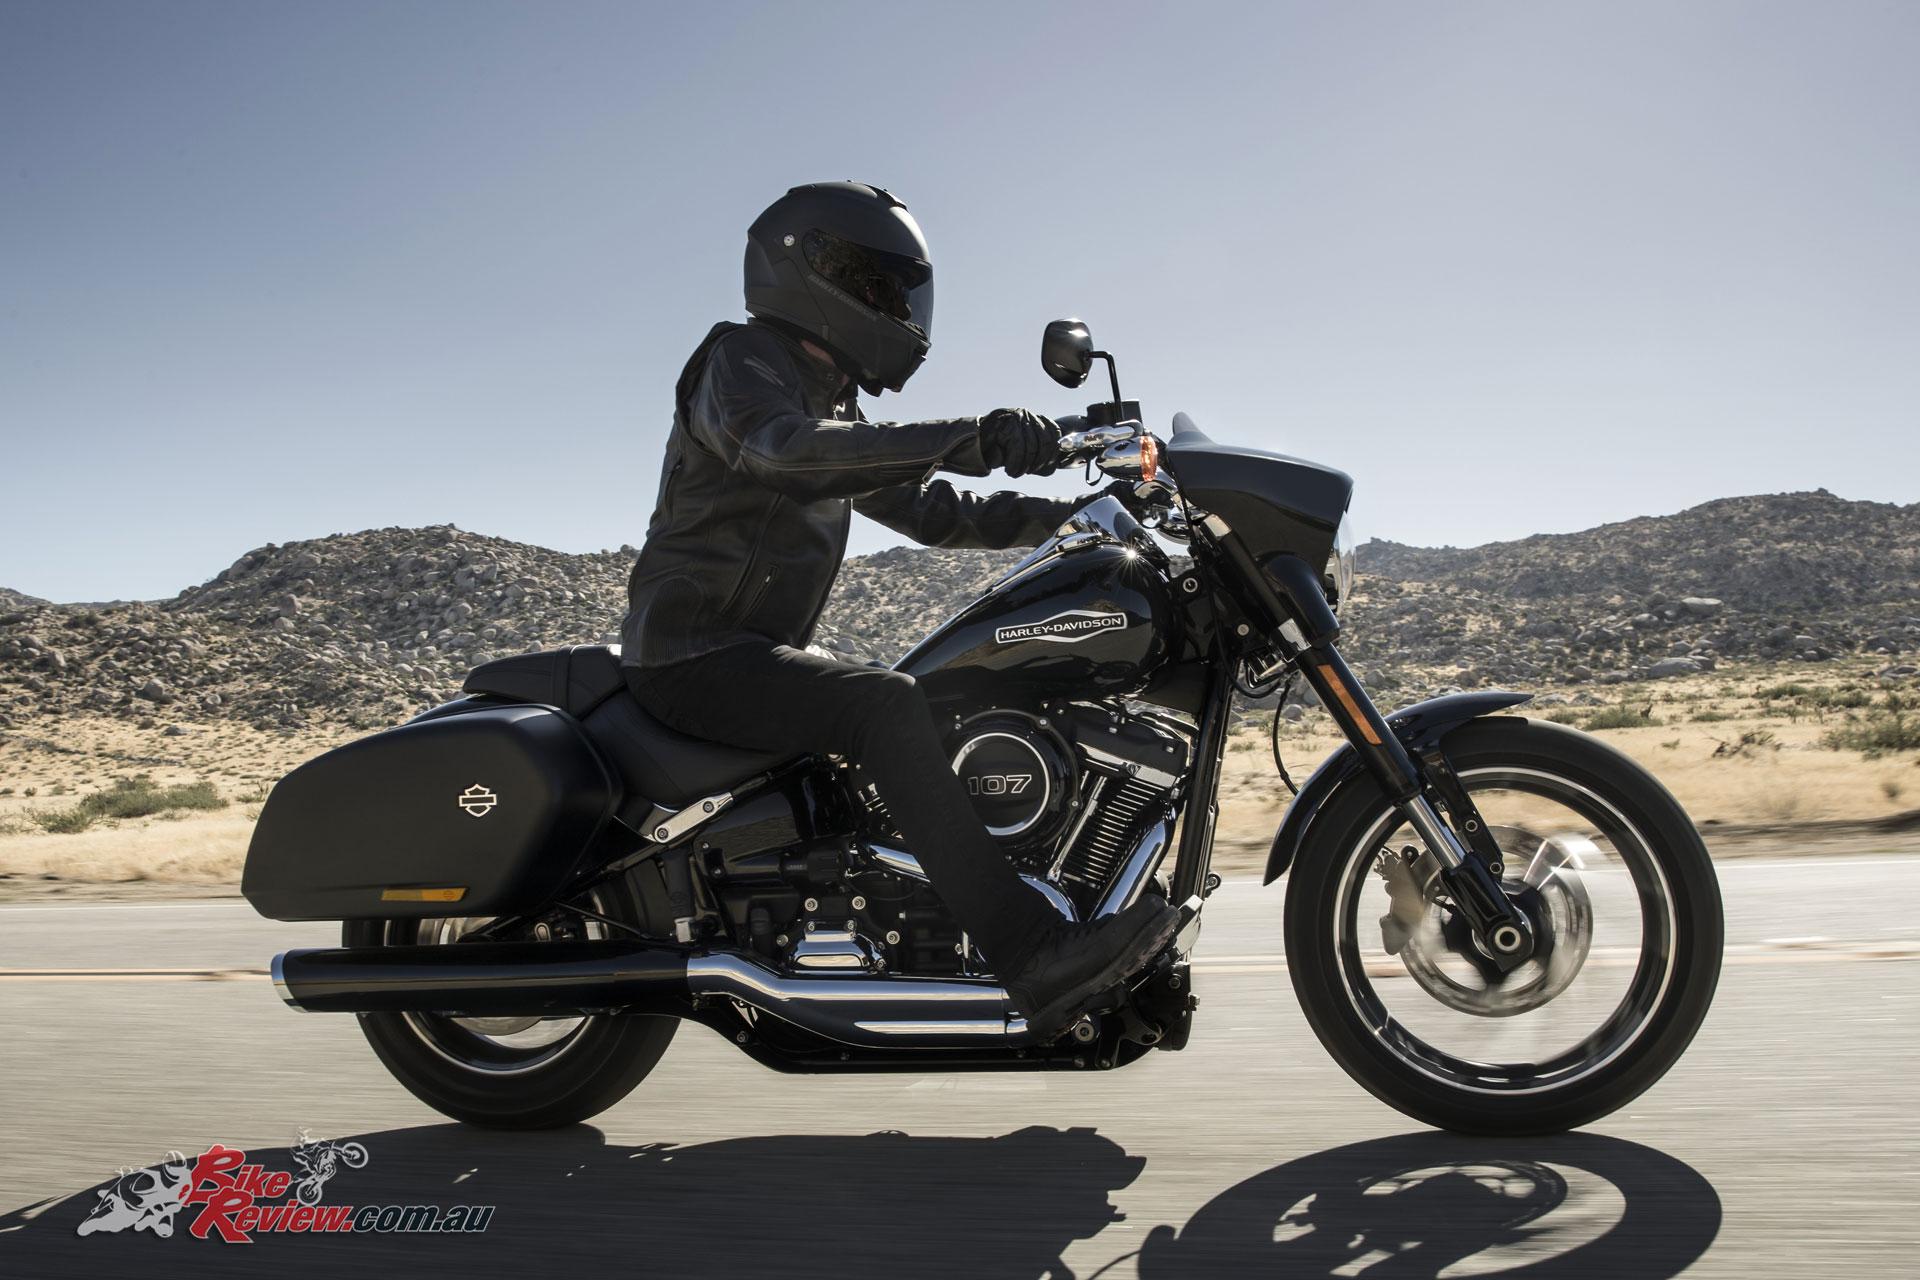 2018 Harley-Davidson Softail Sport Glide unveiled - Bike ...